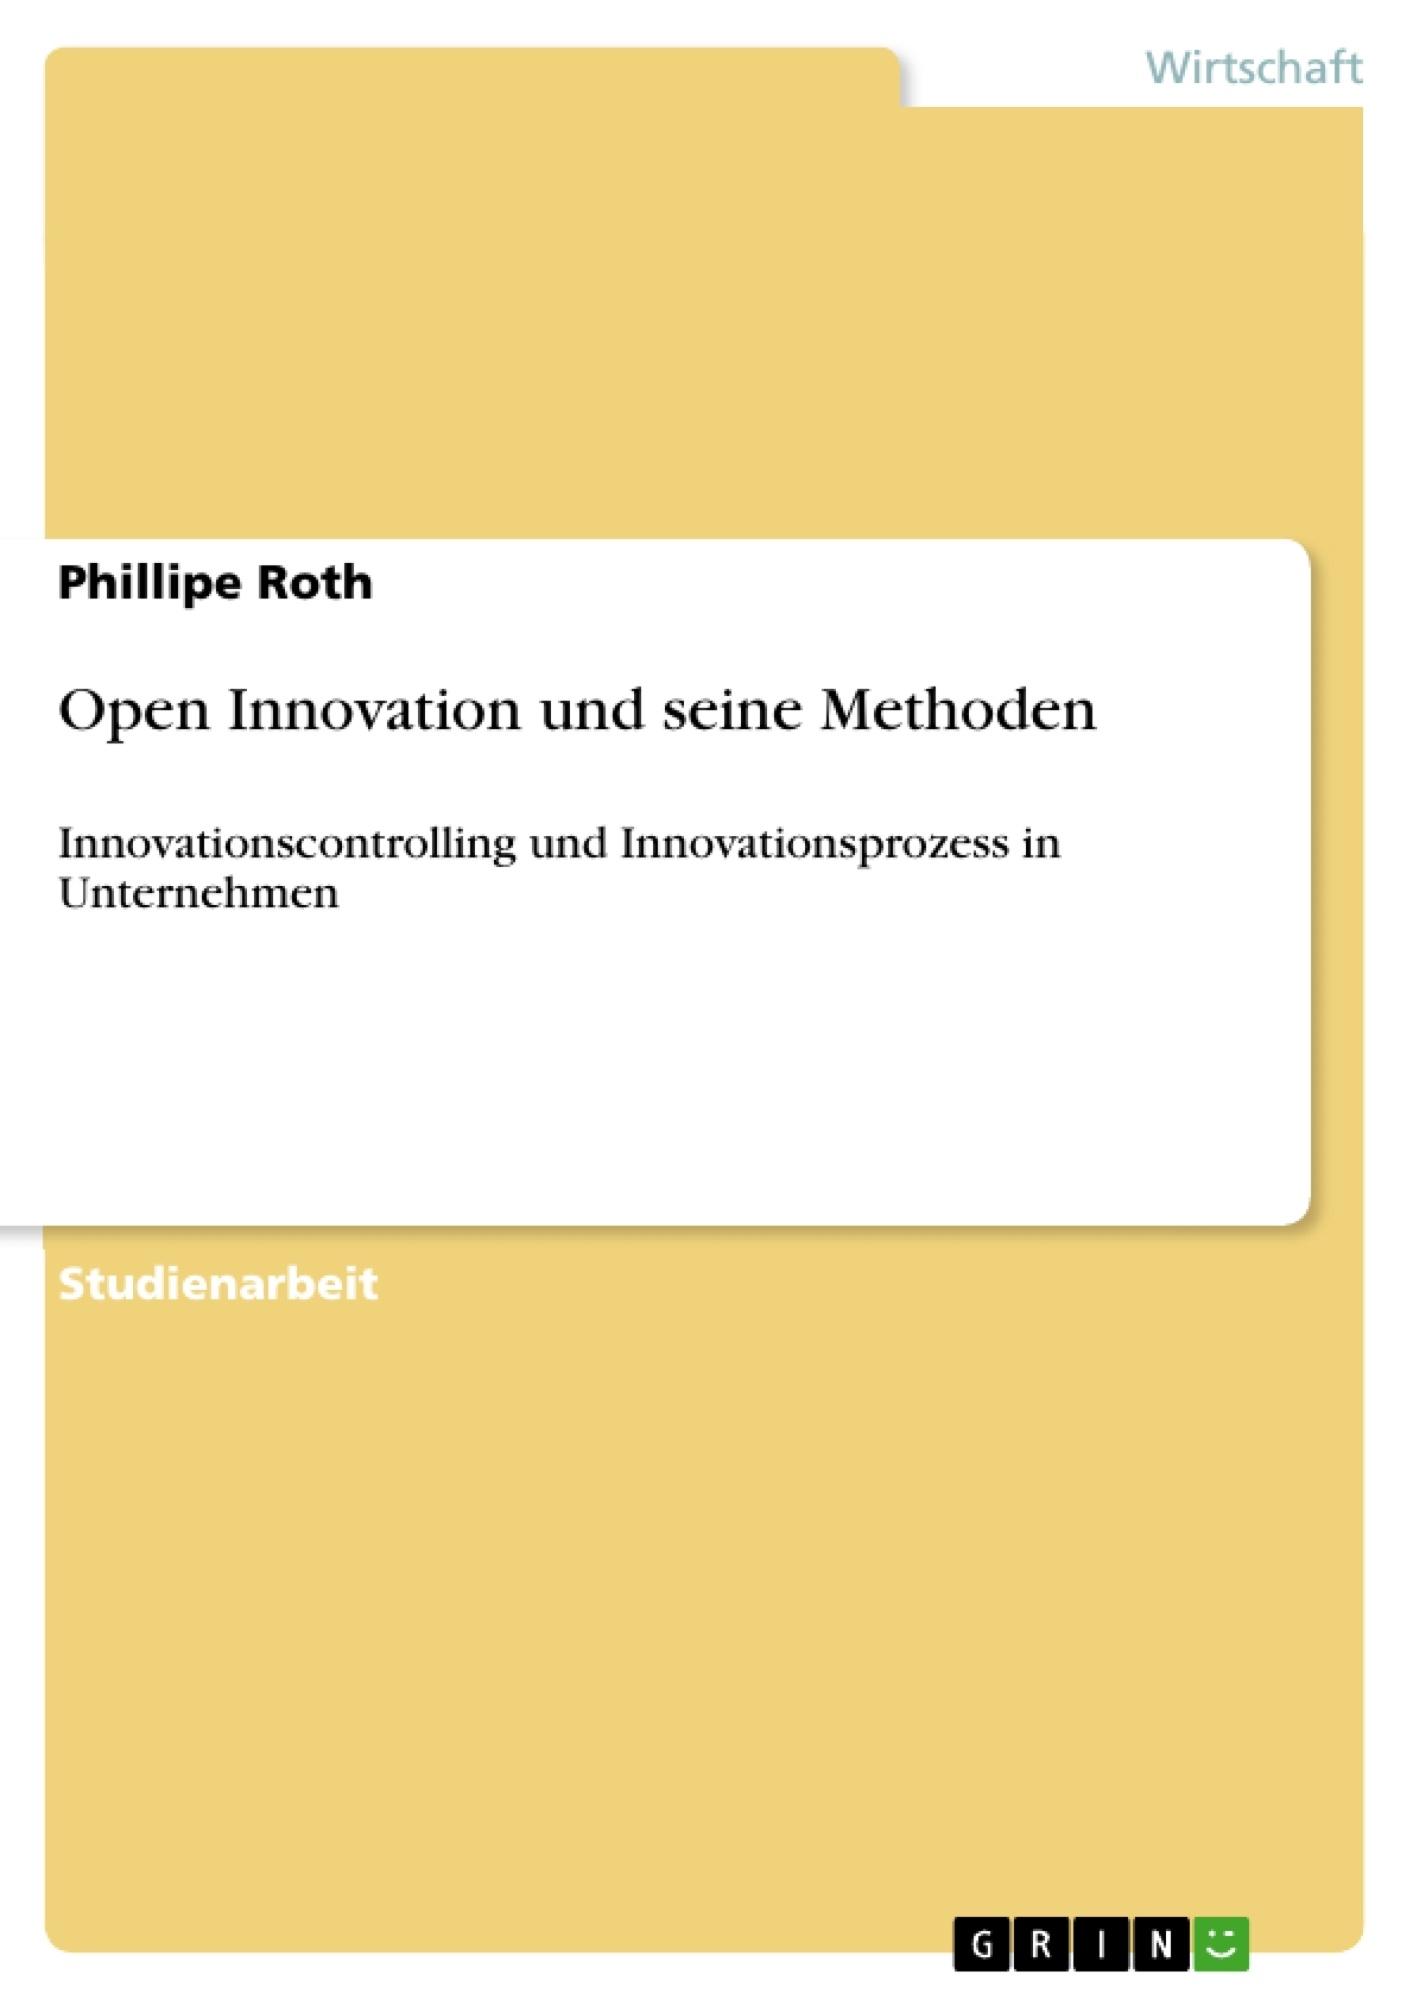 Titel: Open Innovation und seine Methoden